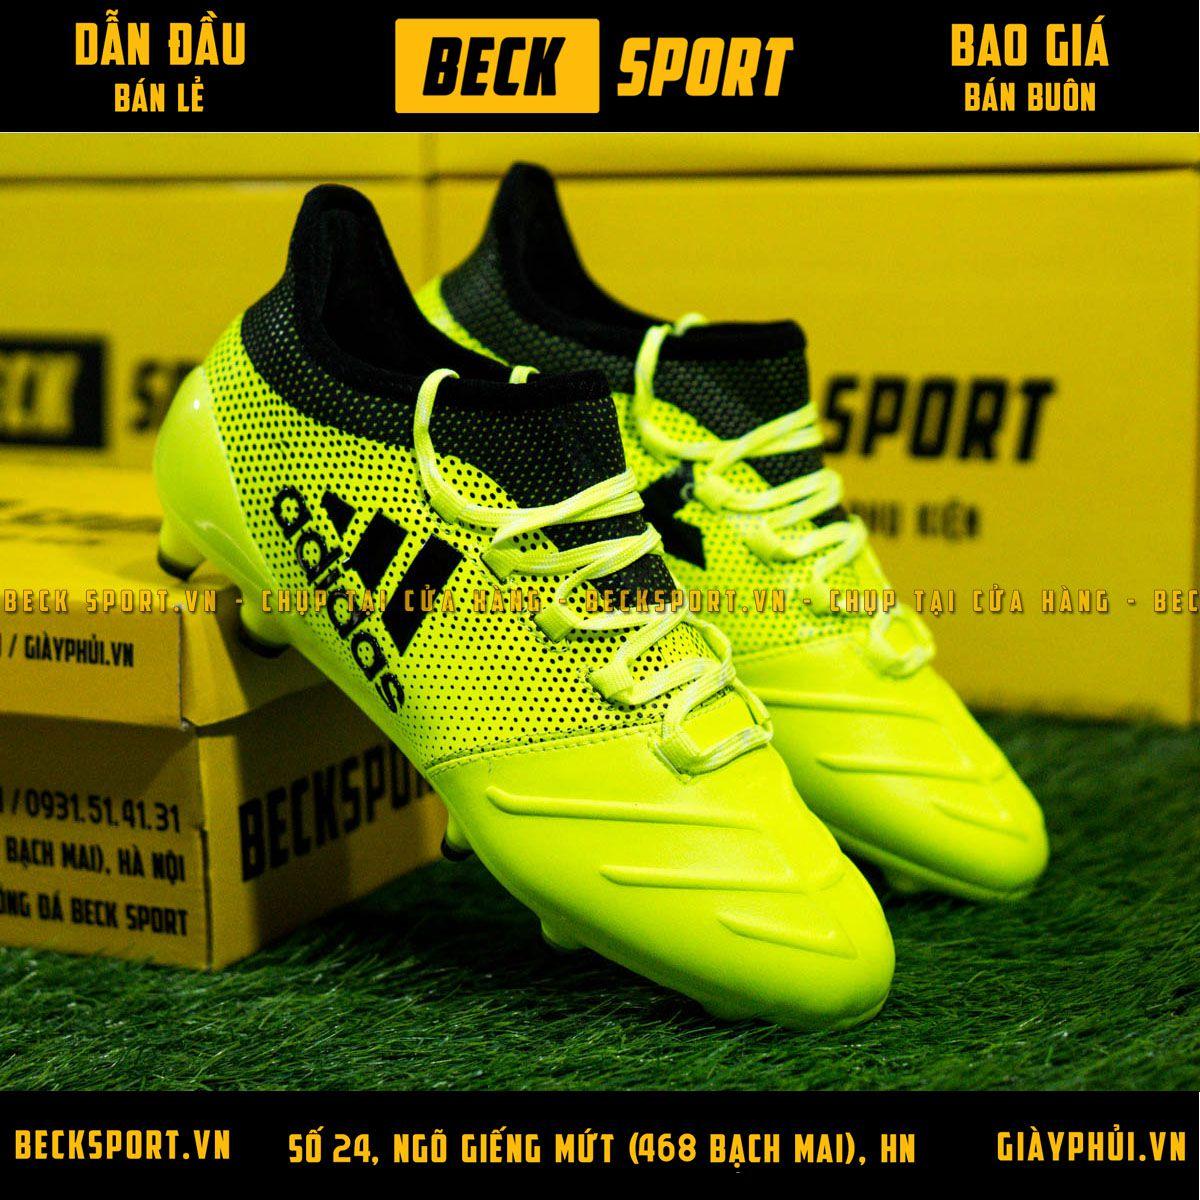 Giày Bóng Đá Adidas X 17.3 Nõn Chuối Chấm Bi Đen FG